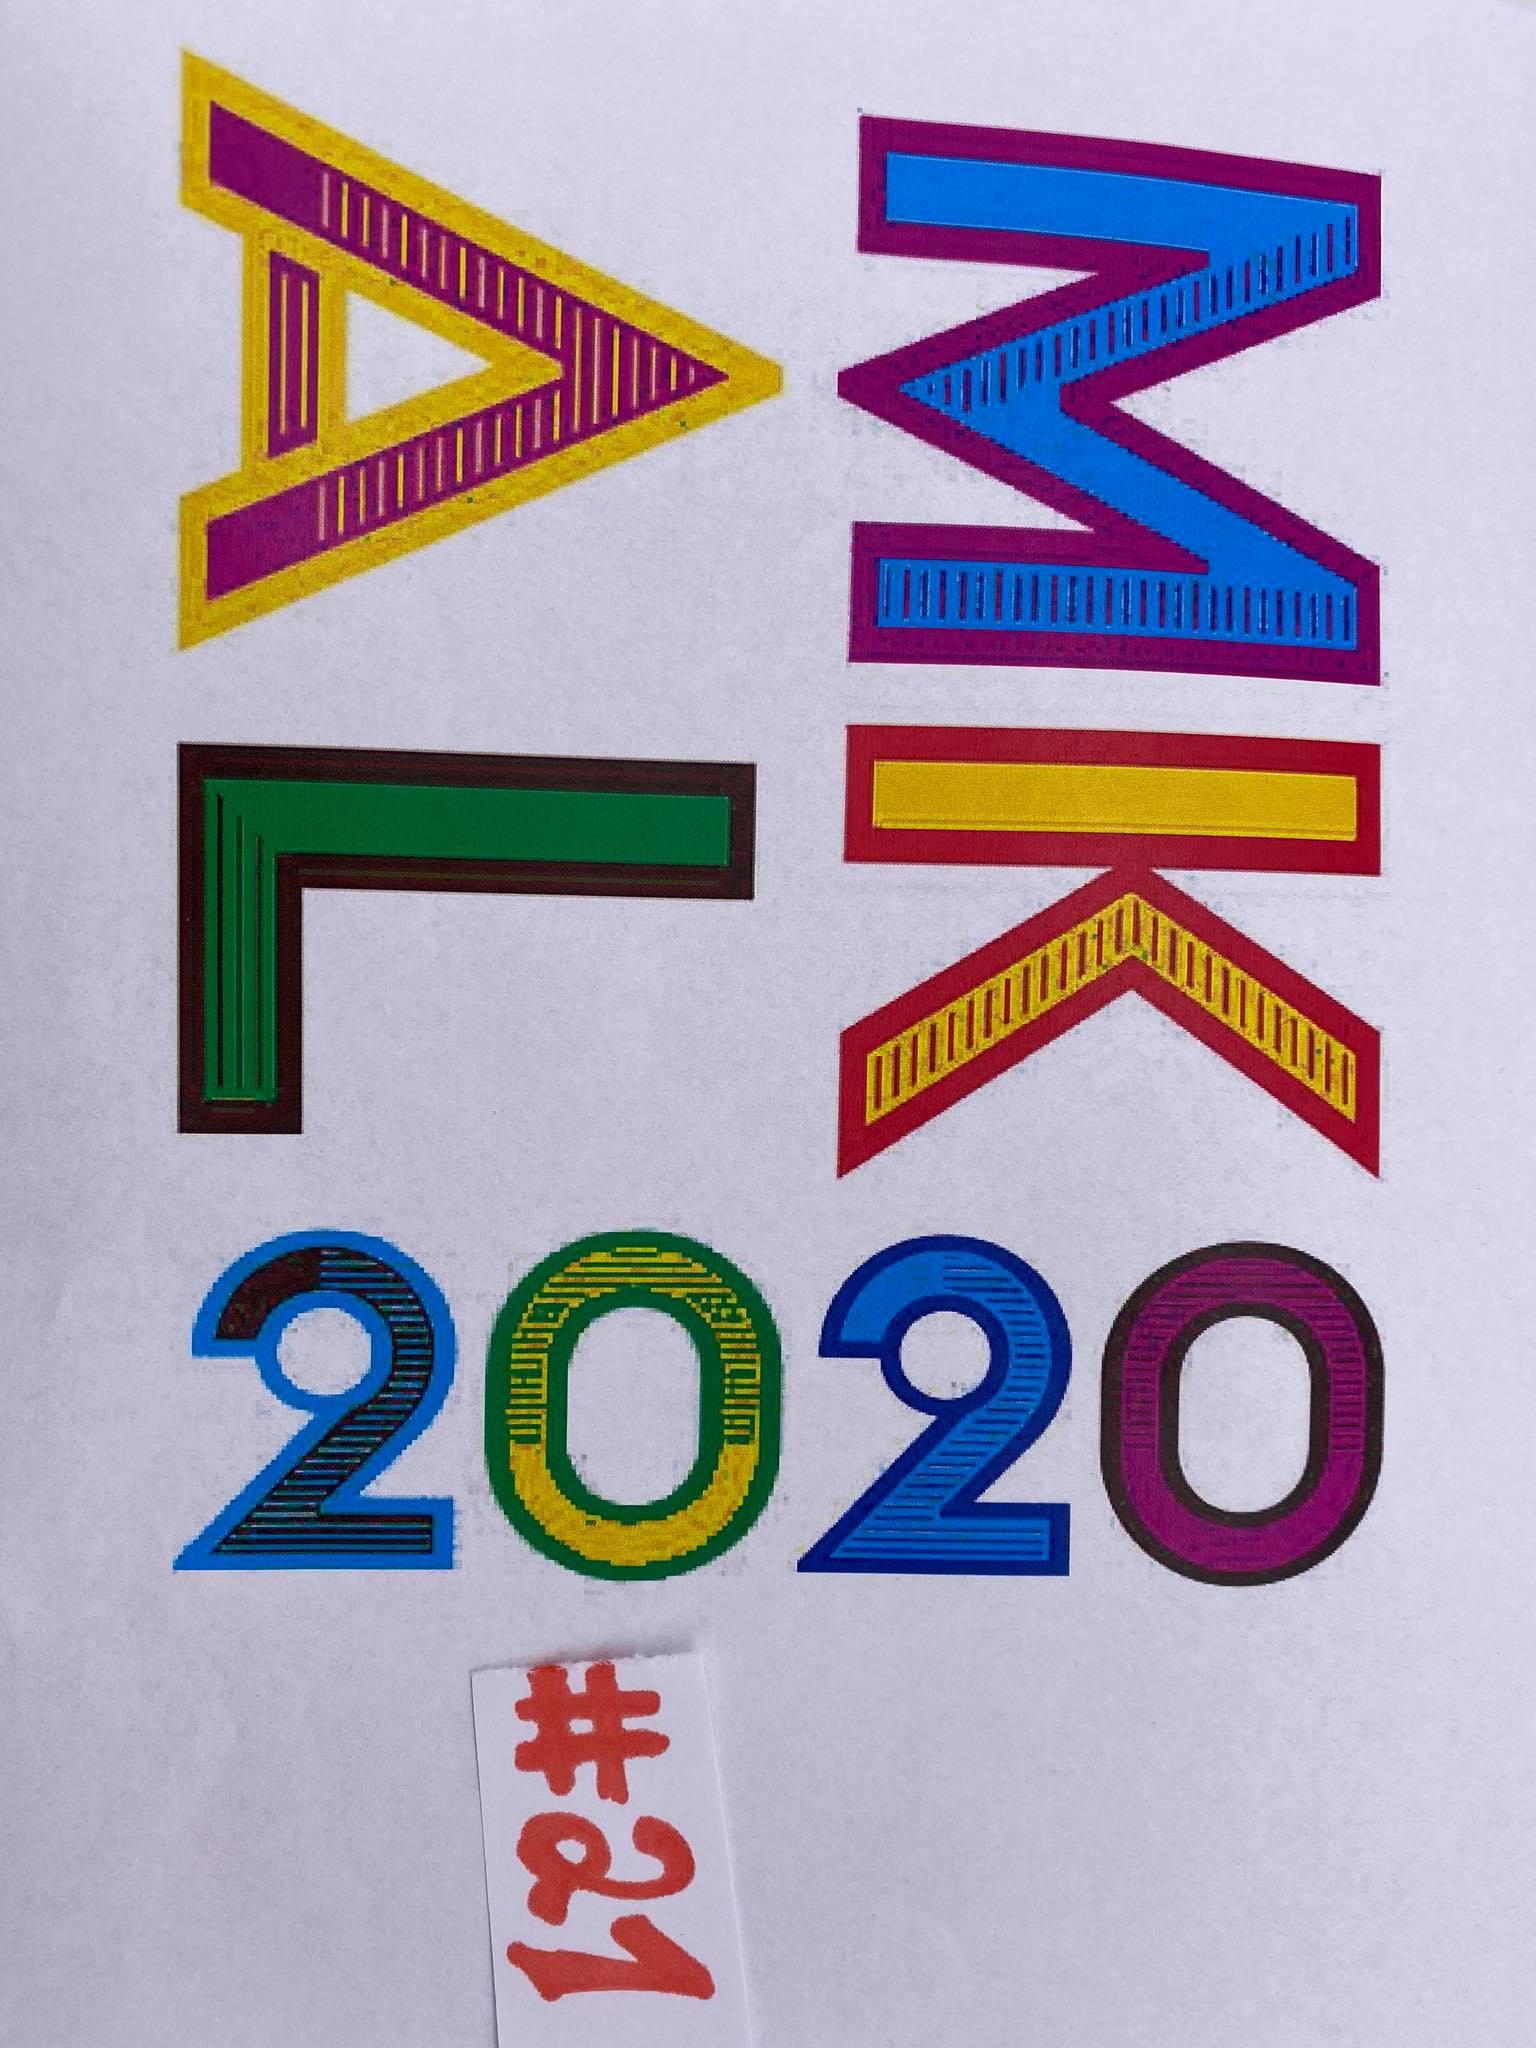 Woll Set Stephen West MKAL Slipstravaganza  #21